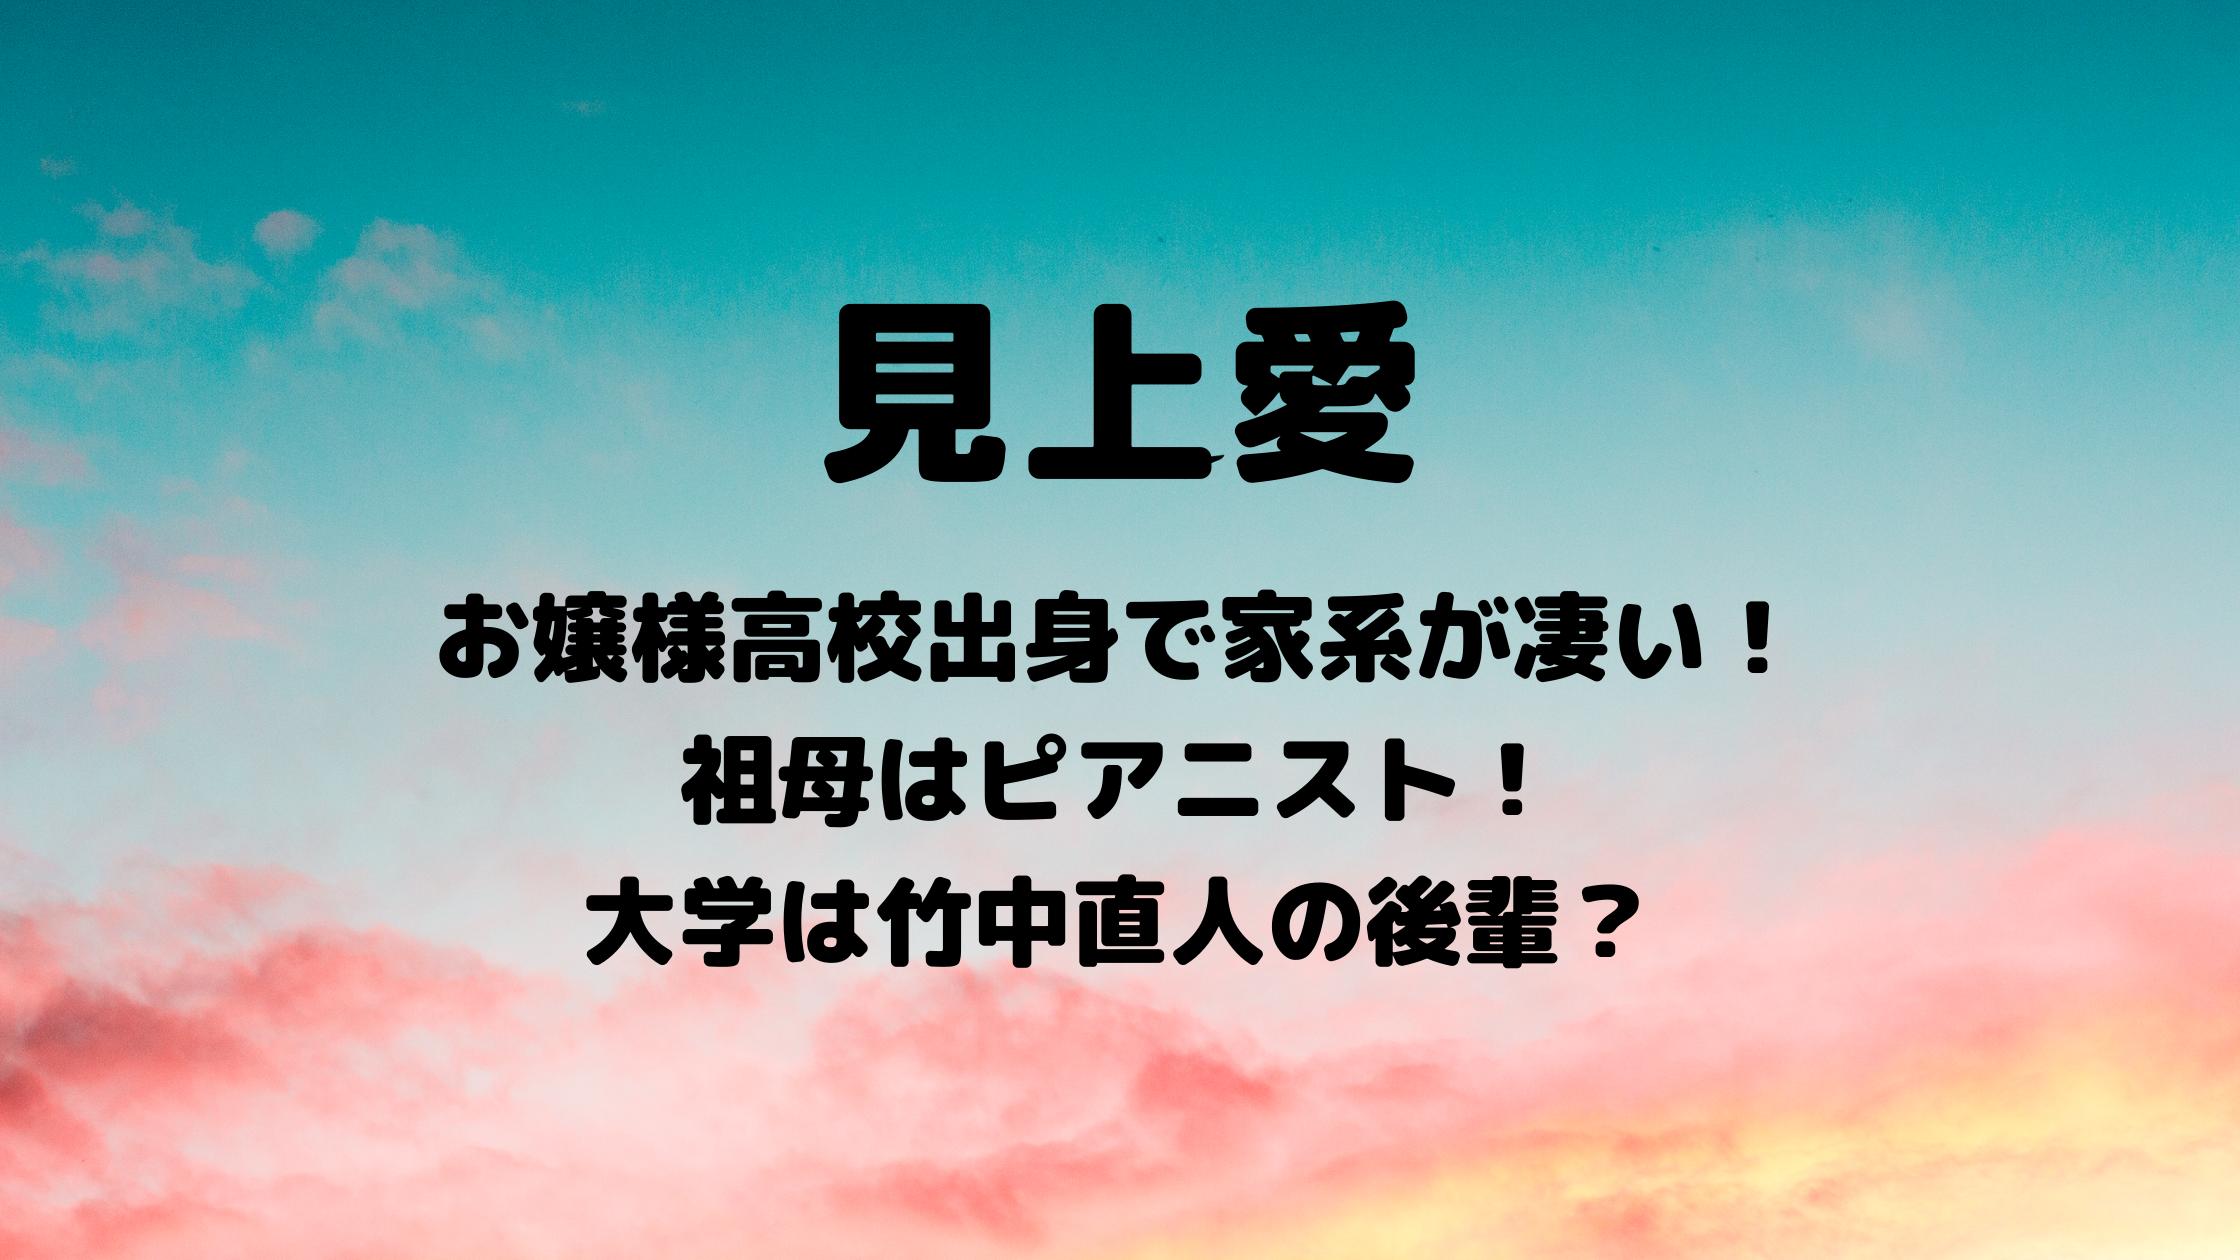 見上愛|祖母はピアニスト!高校は桐朋学園で大学は多摩美術大学?